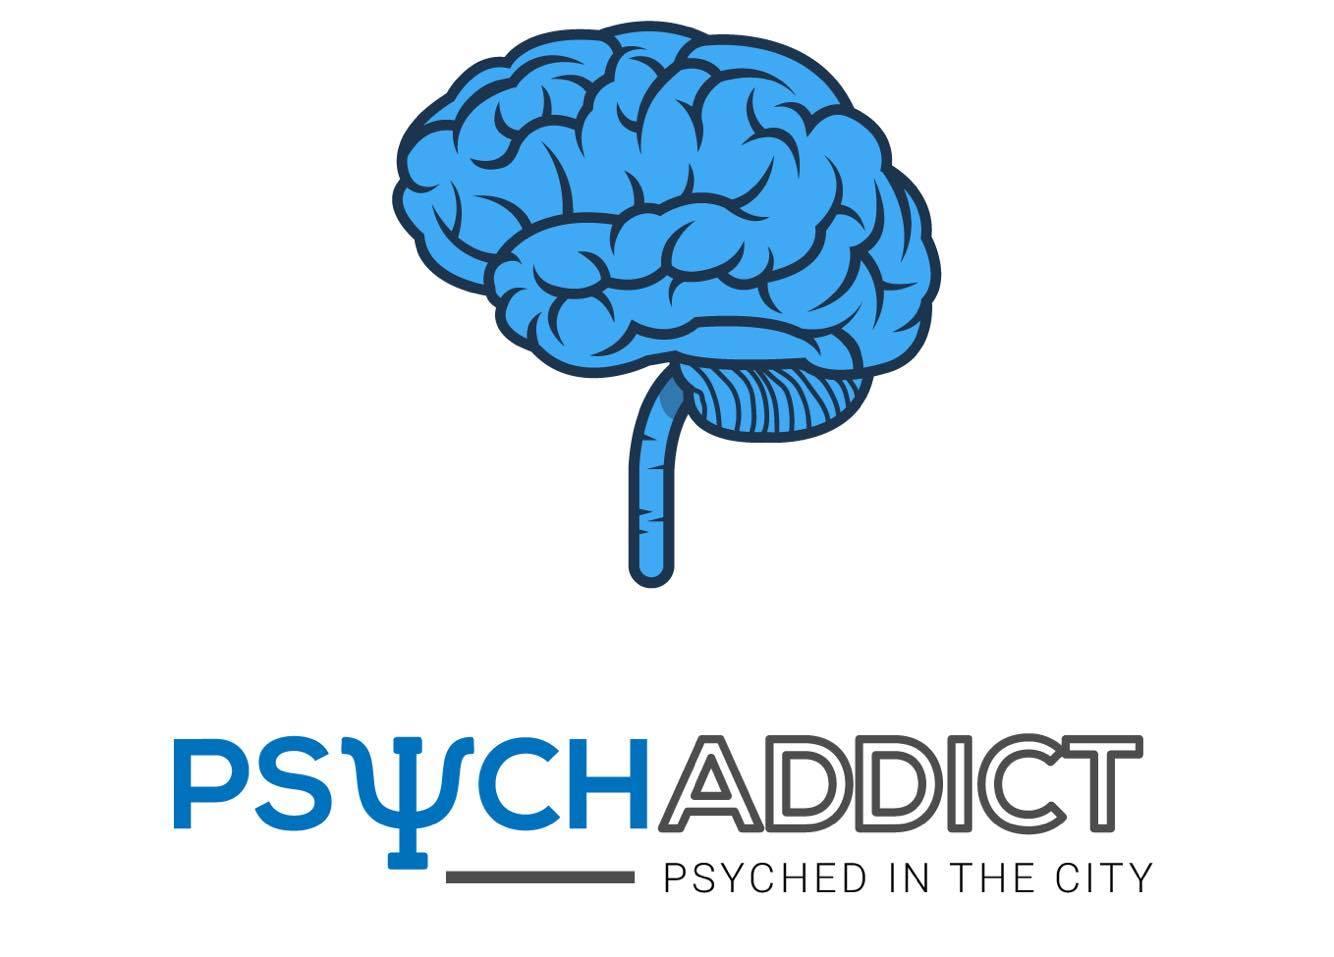 Psych Addict